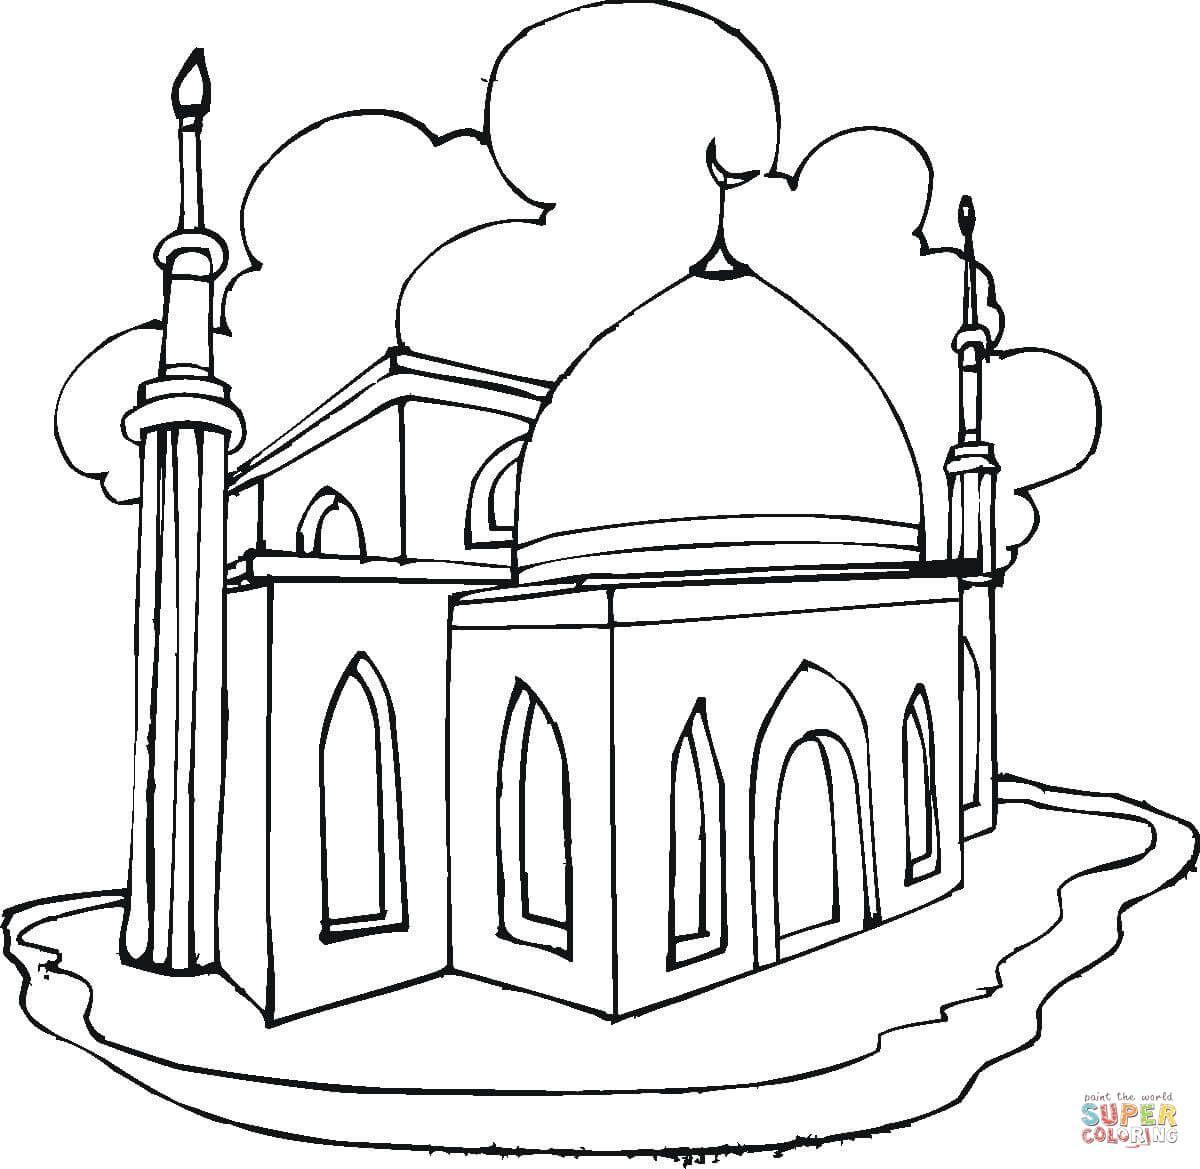 Ausmalbild Moschee Ausmalbilder Kostenlos Zum Ausdrucken Ausmalen Ausmalbilder Wenn Du Mal Buch